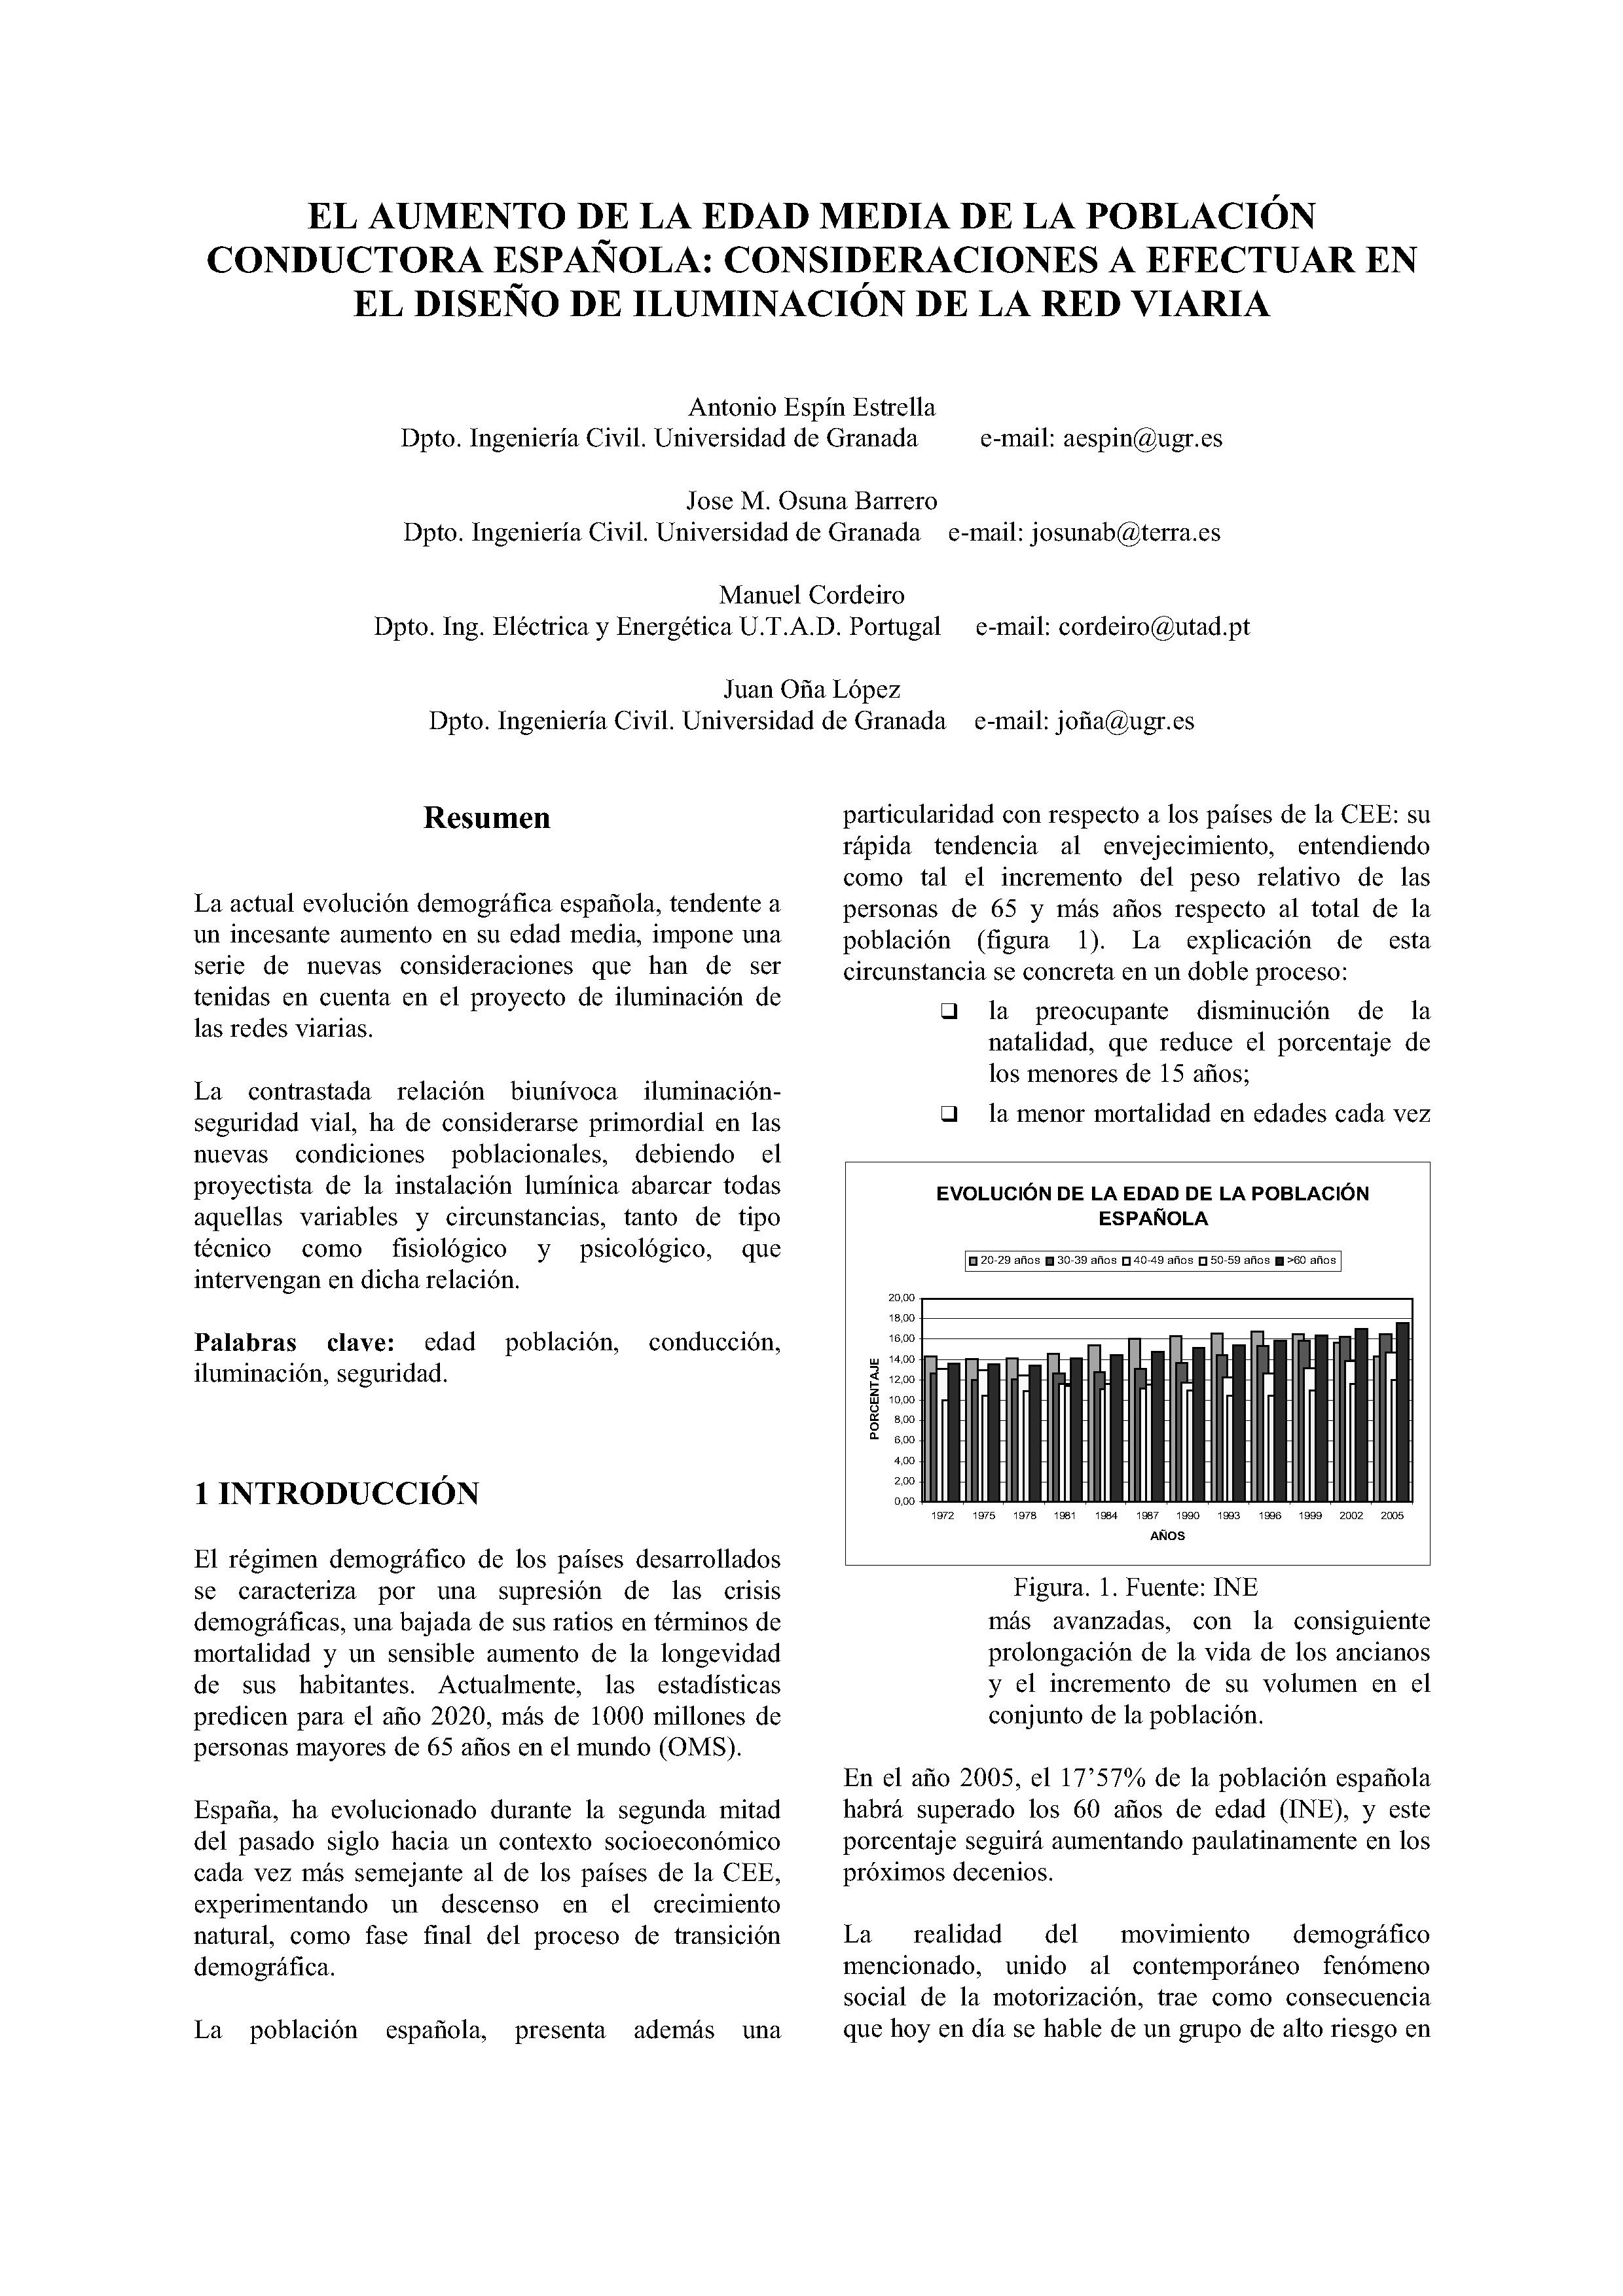 EL AUMENTO DE LA EDAD MEDIA DE LA POBLACIÓN CONDUCTORA ESPAÑOLA: CONSIDERACIONES A EFECTUAR EN EL DISEÑO DE ILUMINACIÓN DE LA RED VIARIA